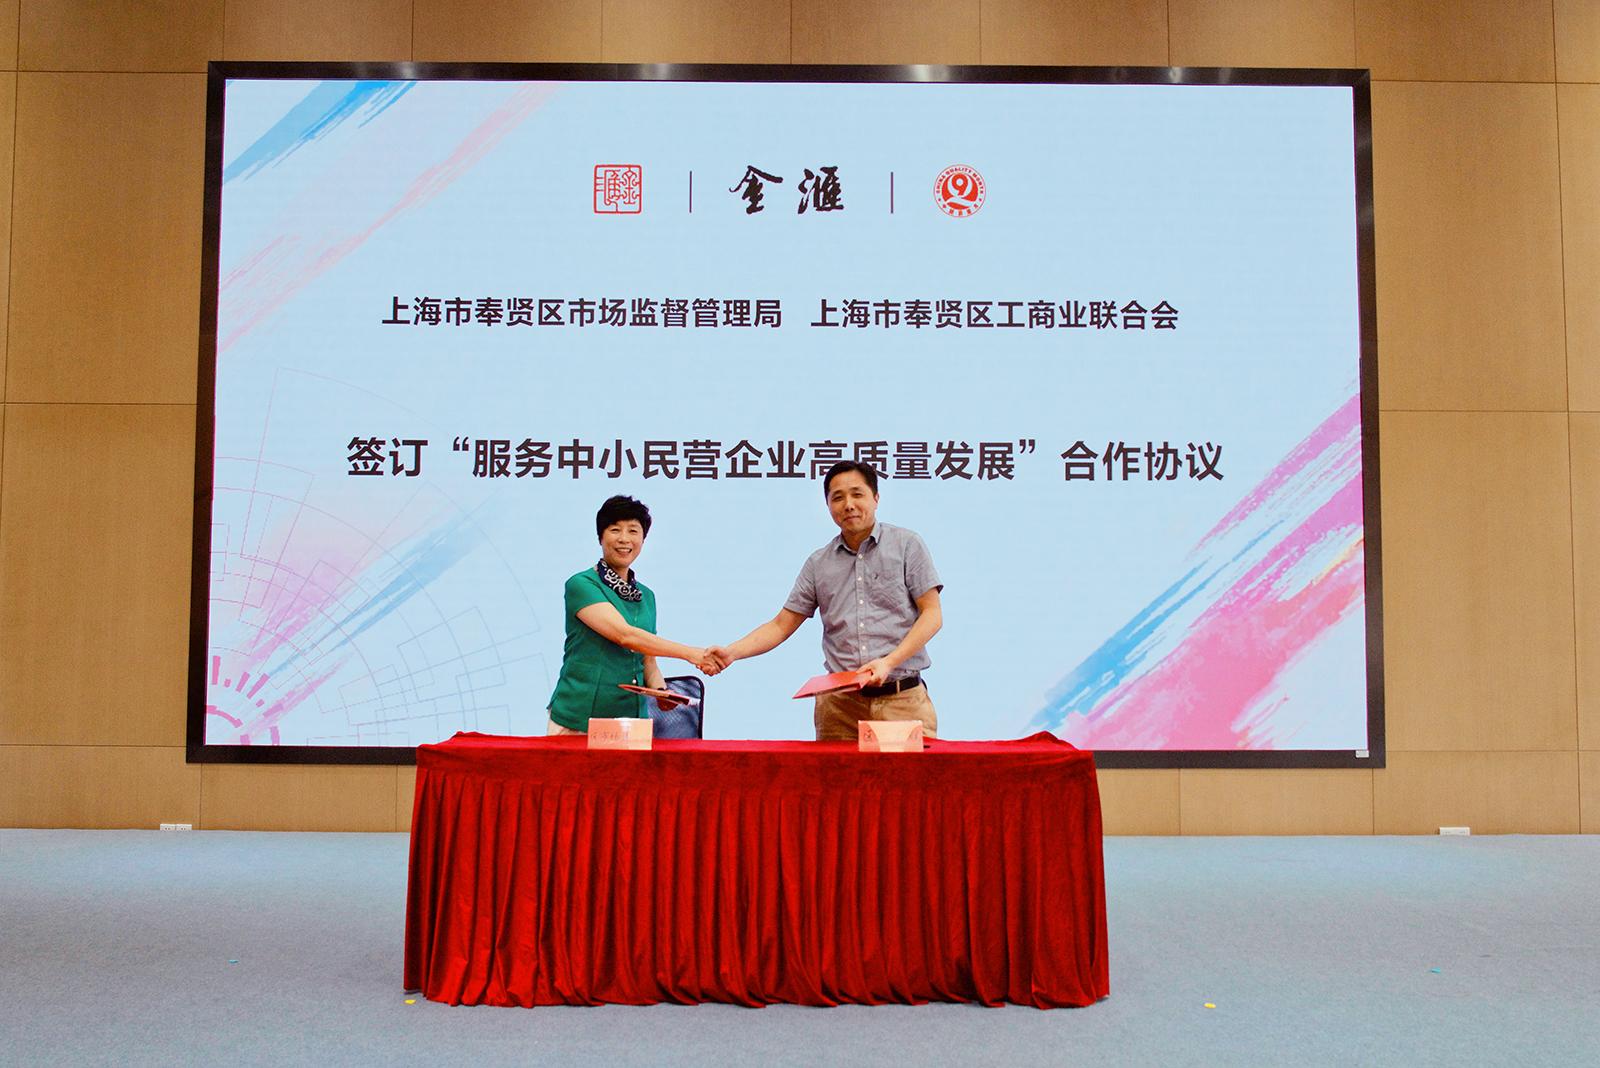 """图为奉贤区市场监管局和区工商联围绕""""服务中小民营企业高质量发展""""签订合作协议。"""